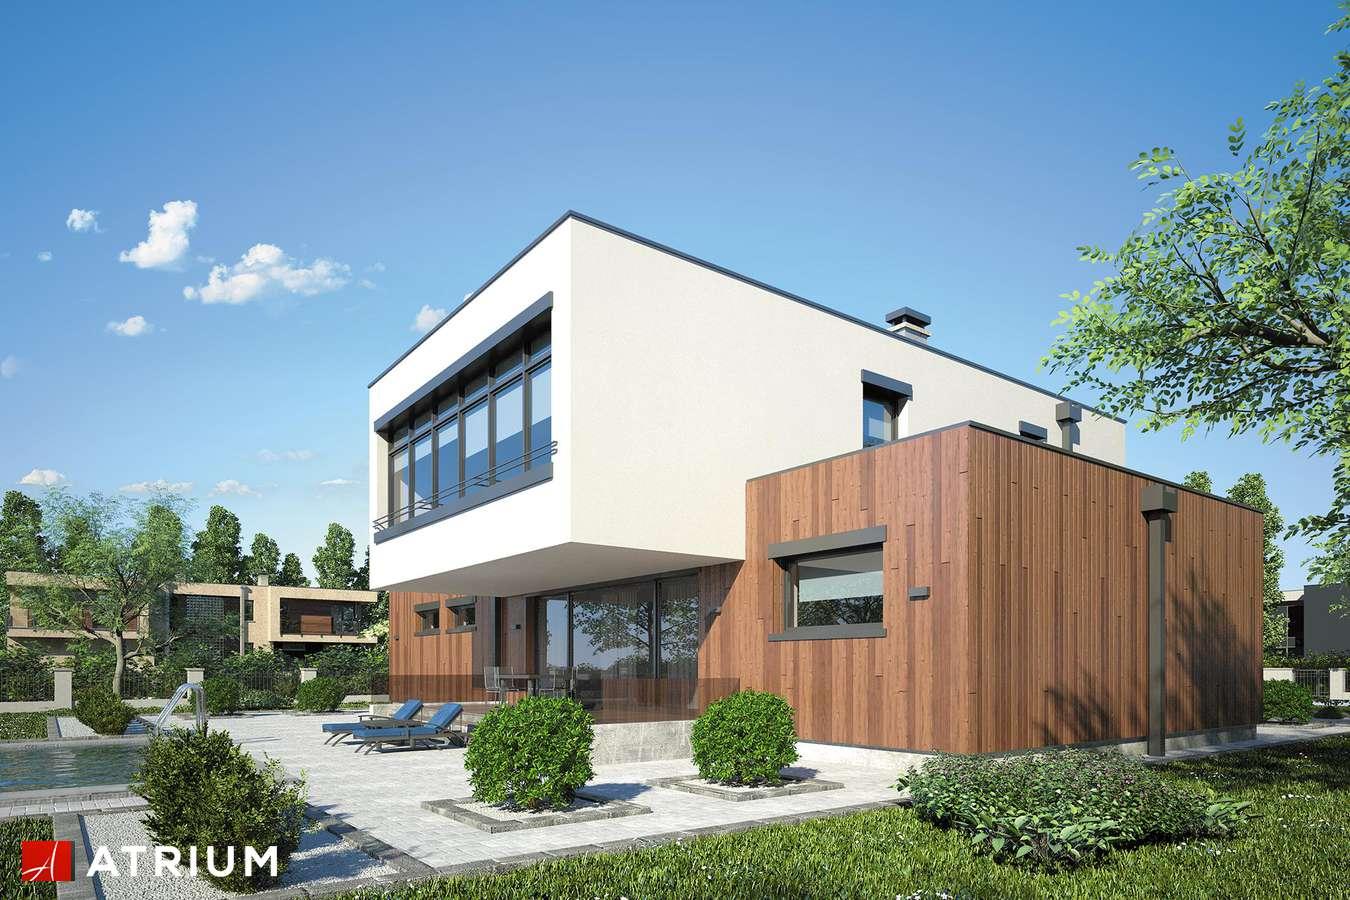 Projekty domów - Projekt domu piętrowego MALTA II - wizualizacja 2 - wersja lustrzana